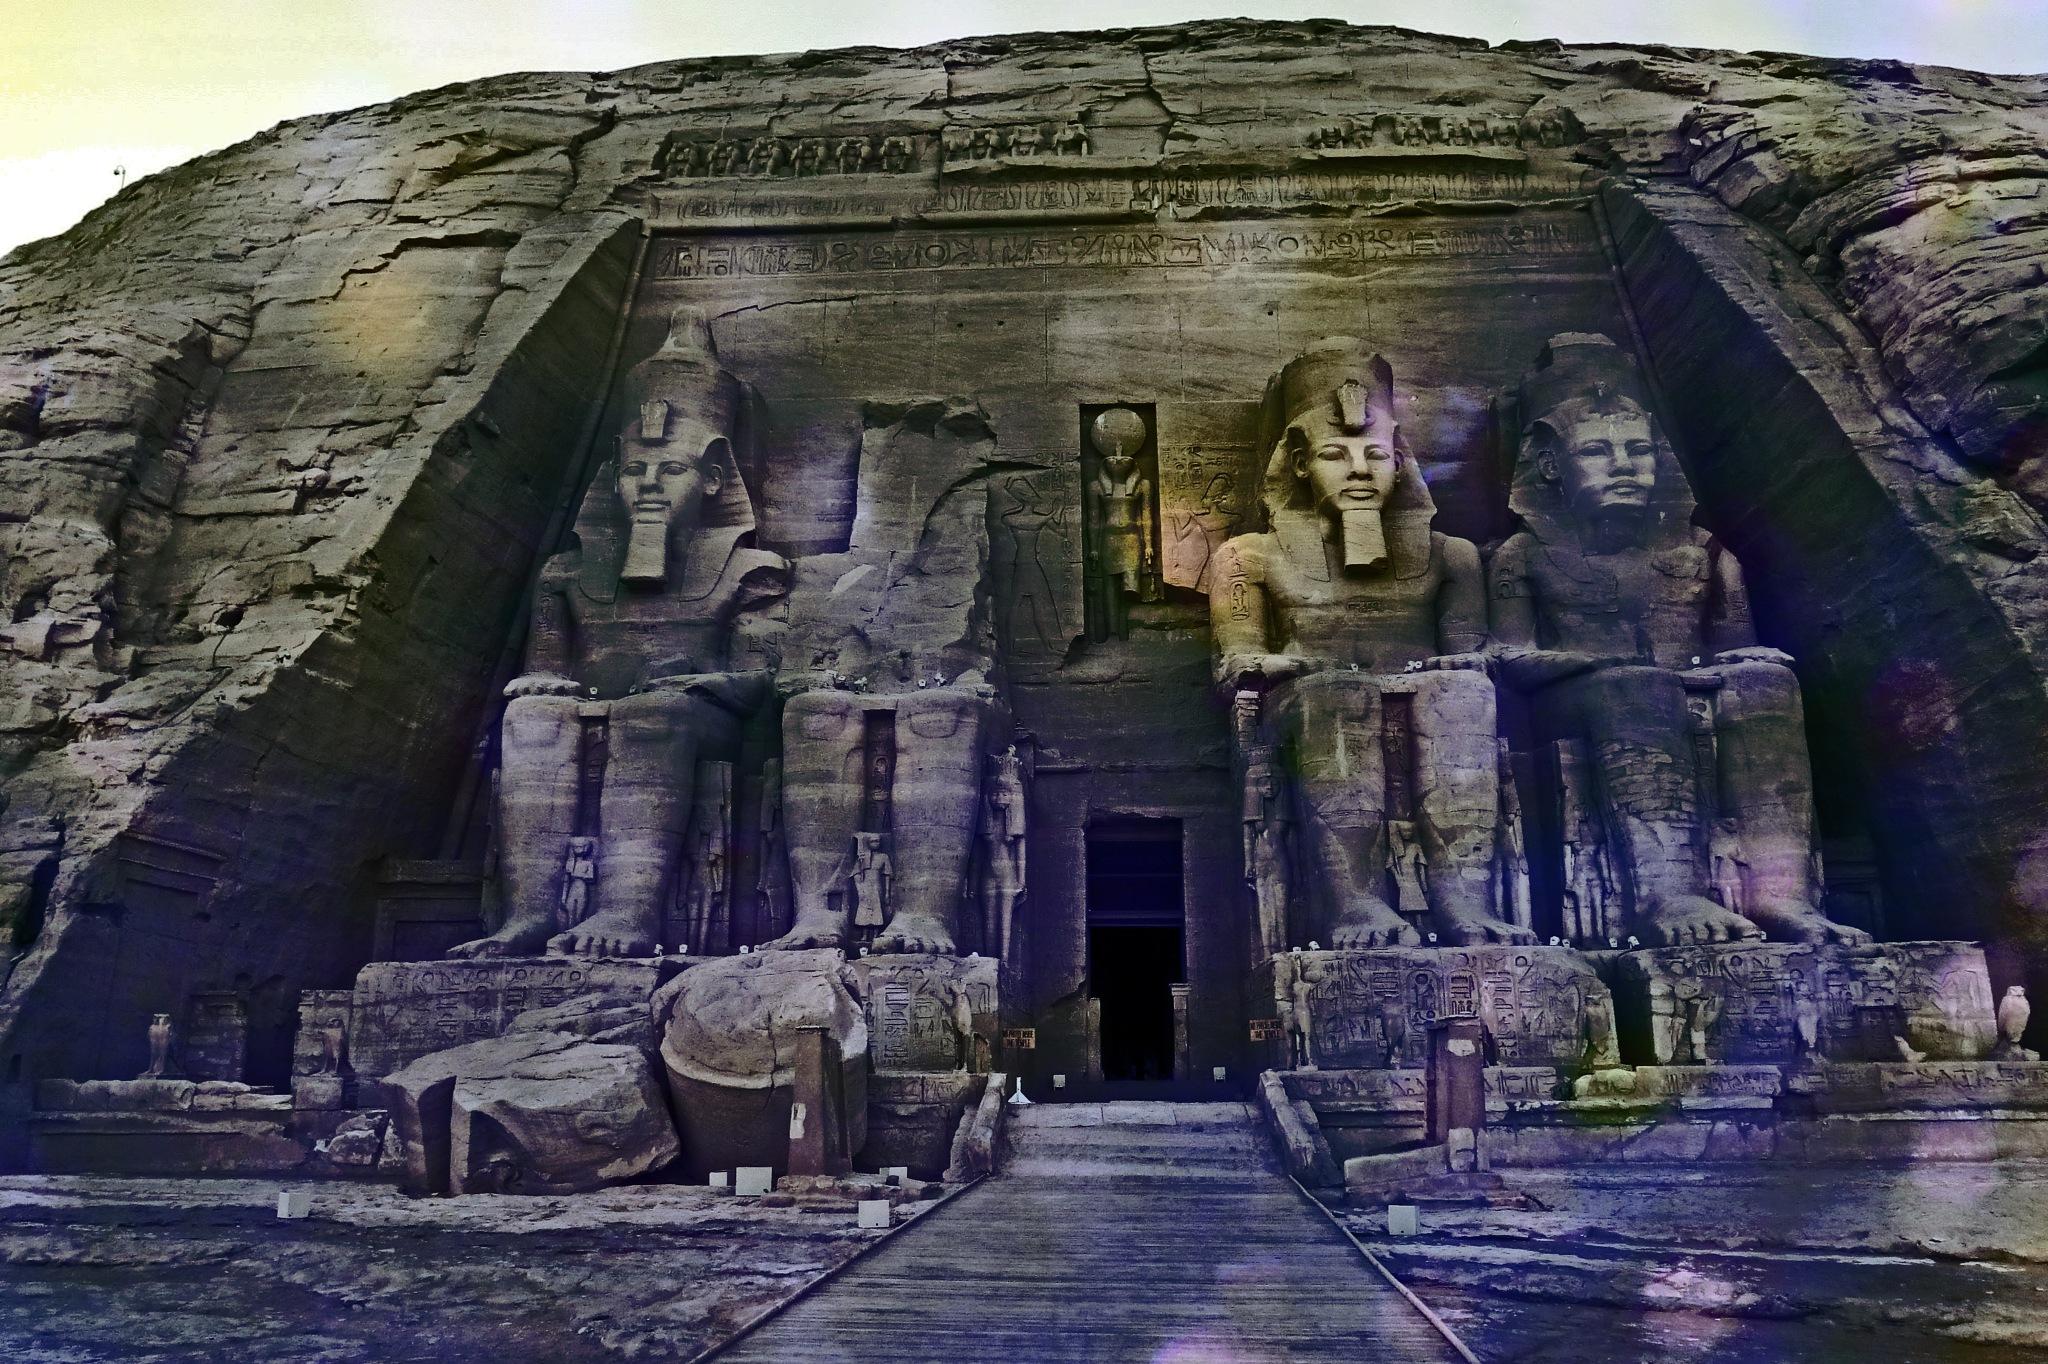 Abu Simbel montage by astarot